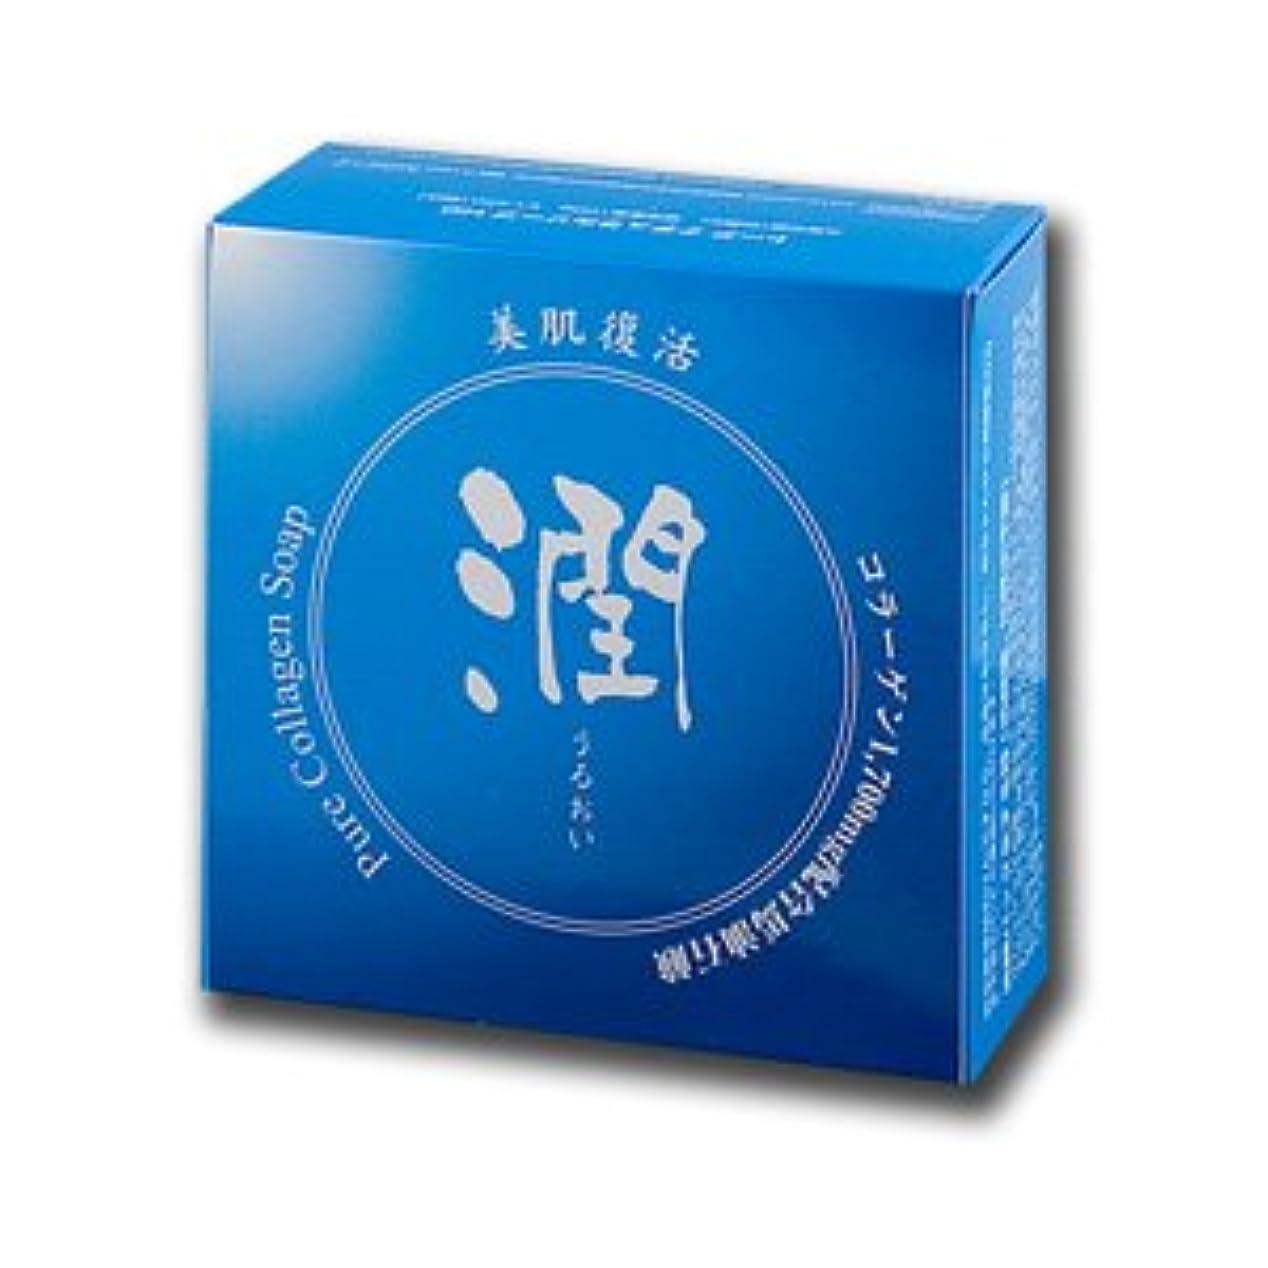 スイングプーノ先にコラーゲン馬油石鹸 潤 100g (#800410) ×10個セット